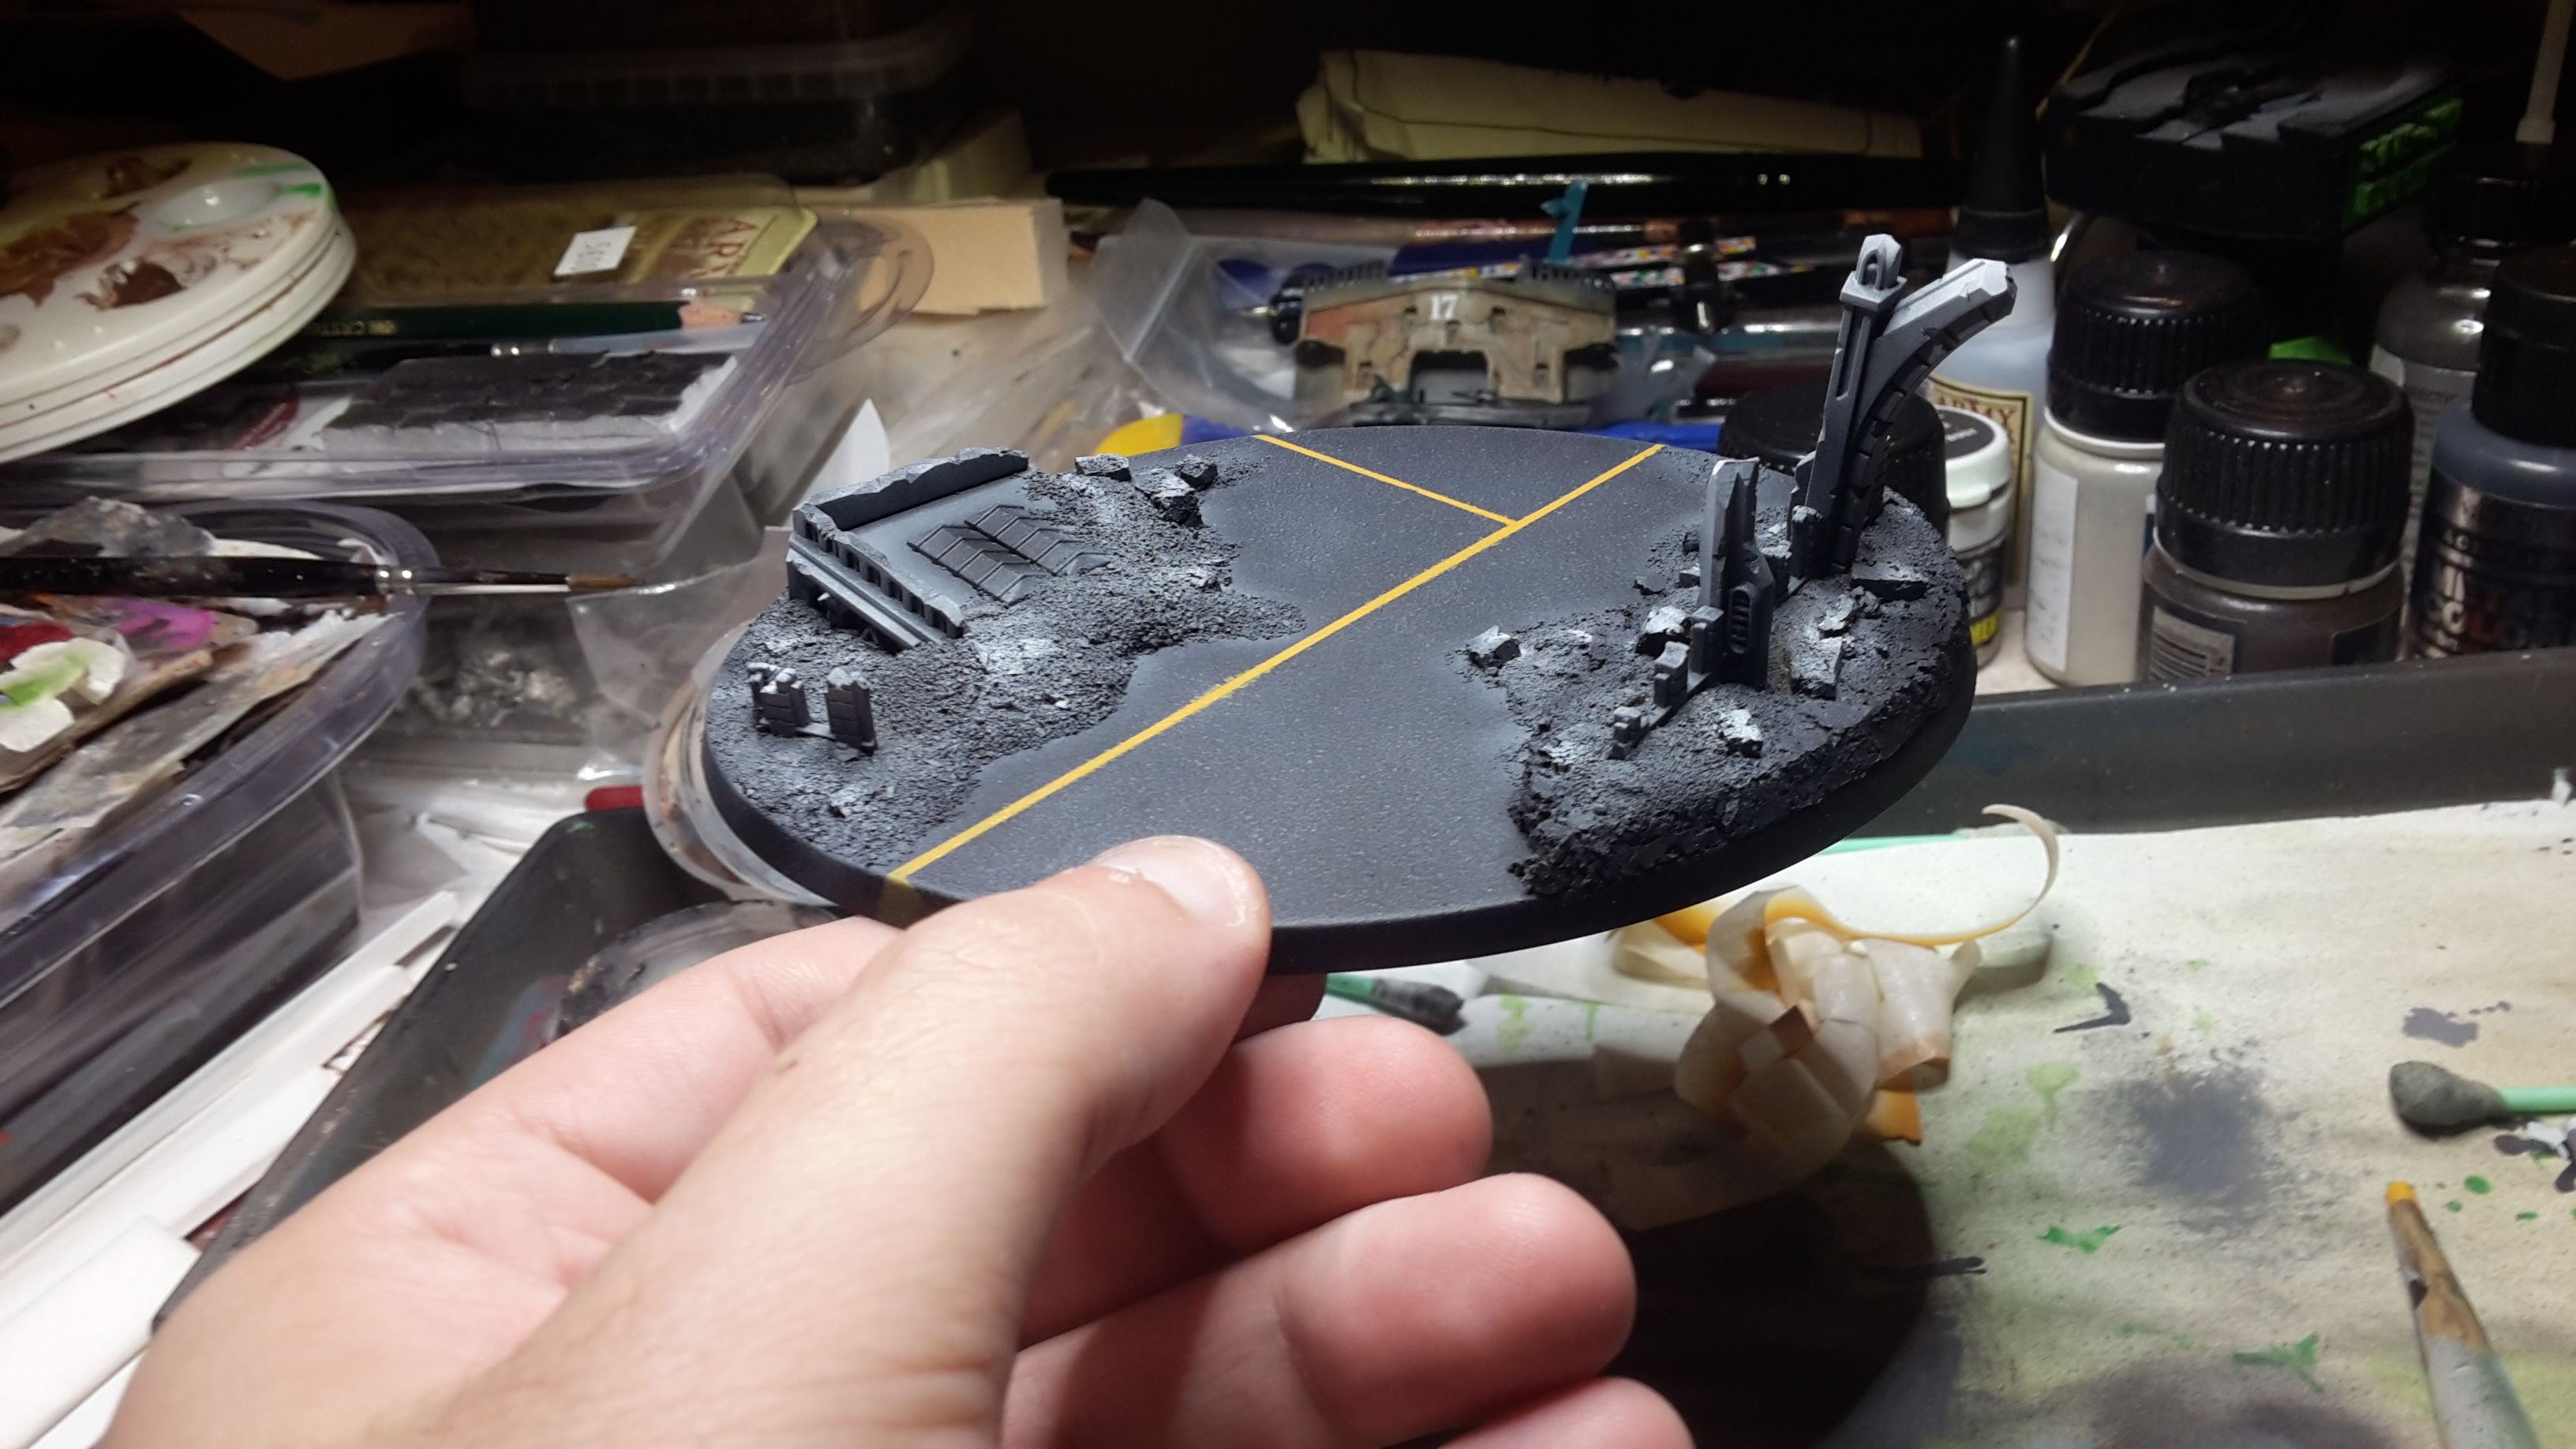 Socle Adeptus Titanicus